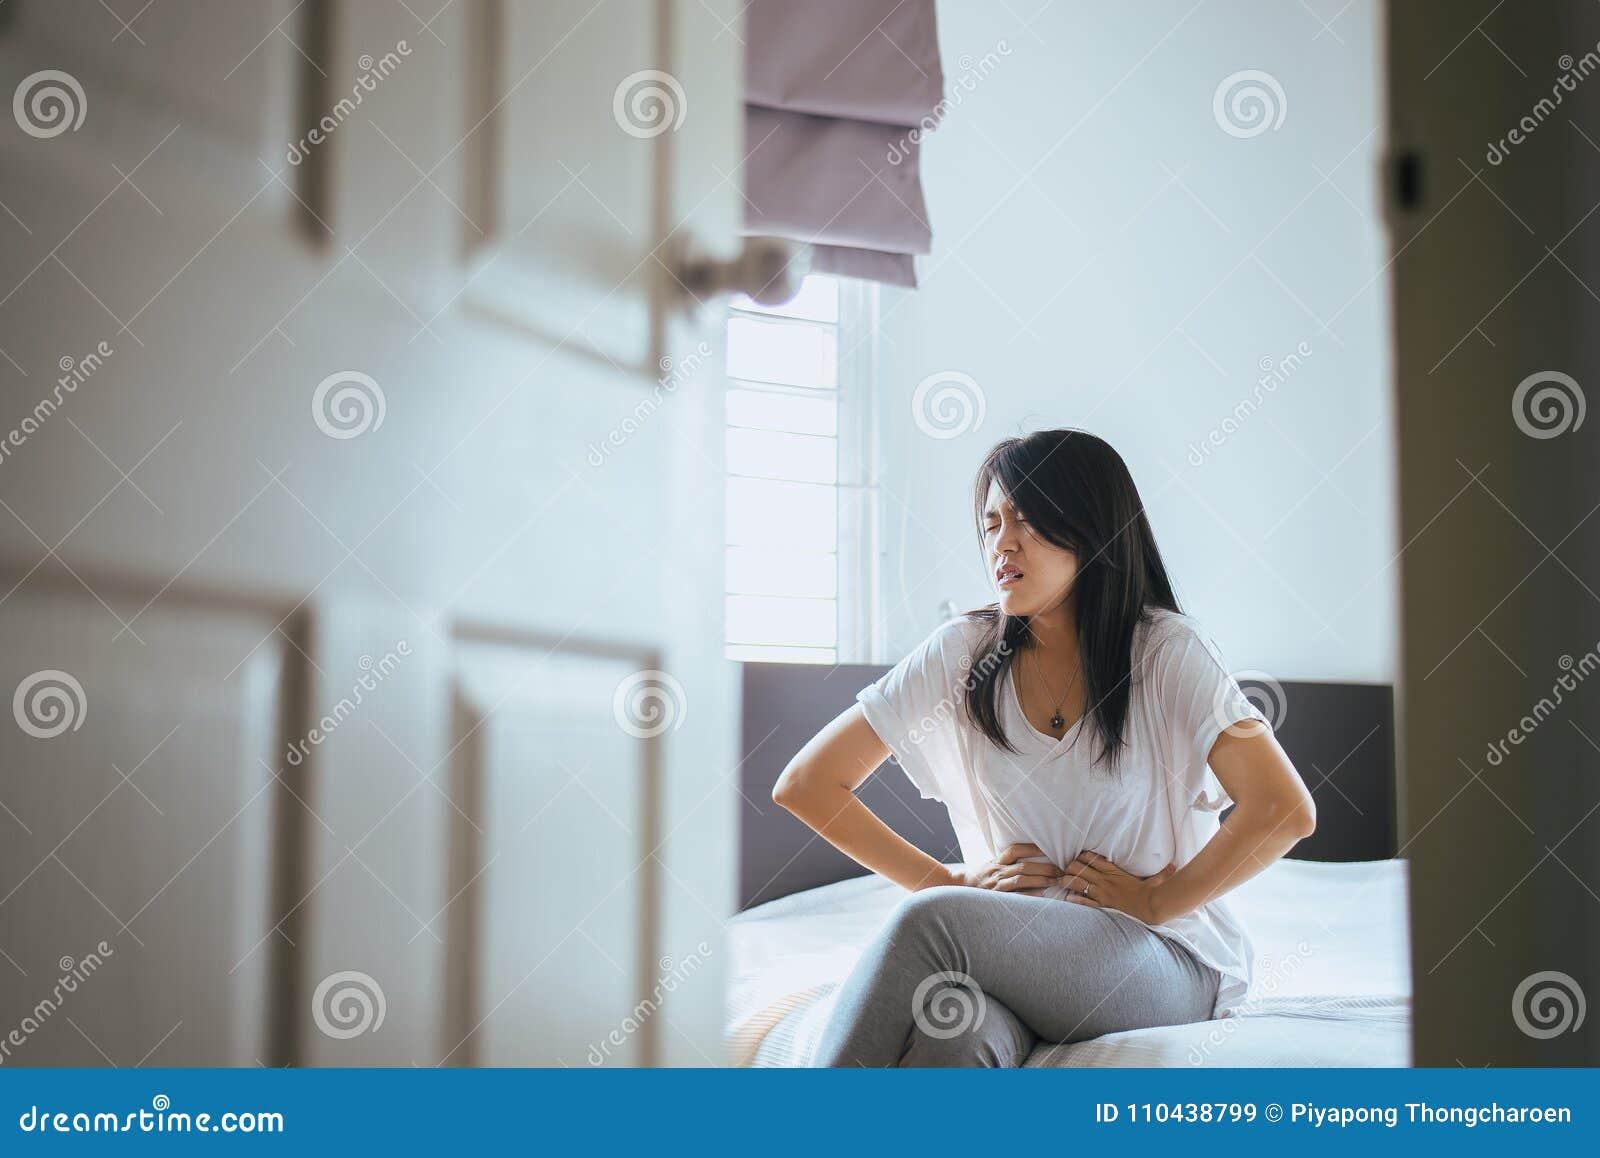 Junge Frau, die schmerzliche Magenschmerzen, weibliches Leiden von den Bauchschmerzen hat, während nach aufwachen Sie